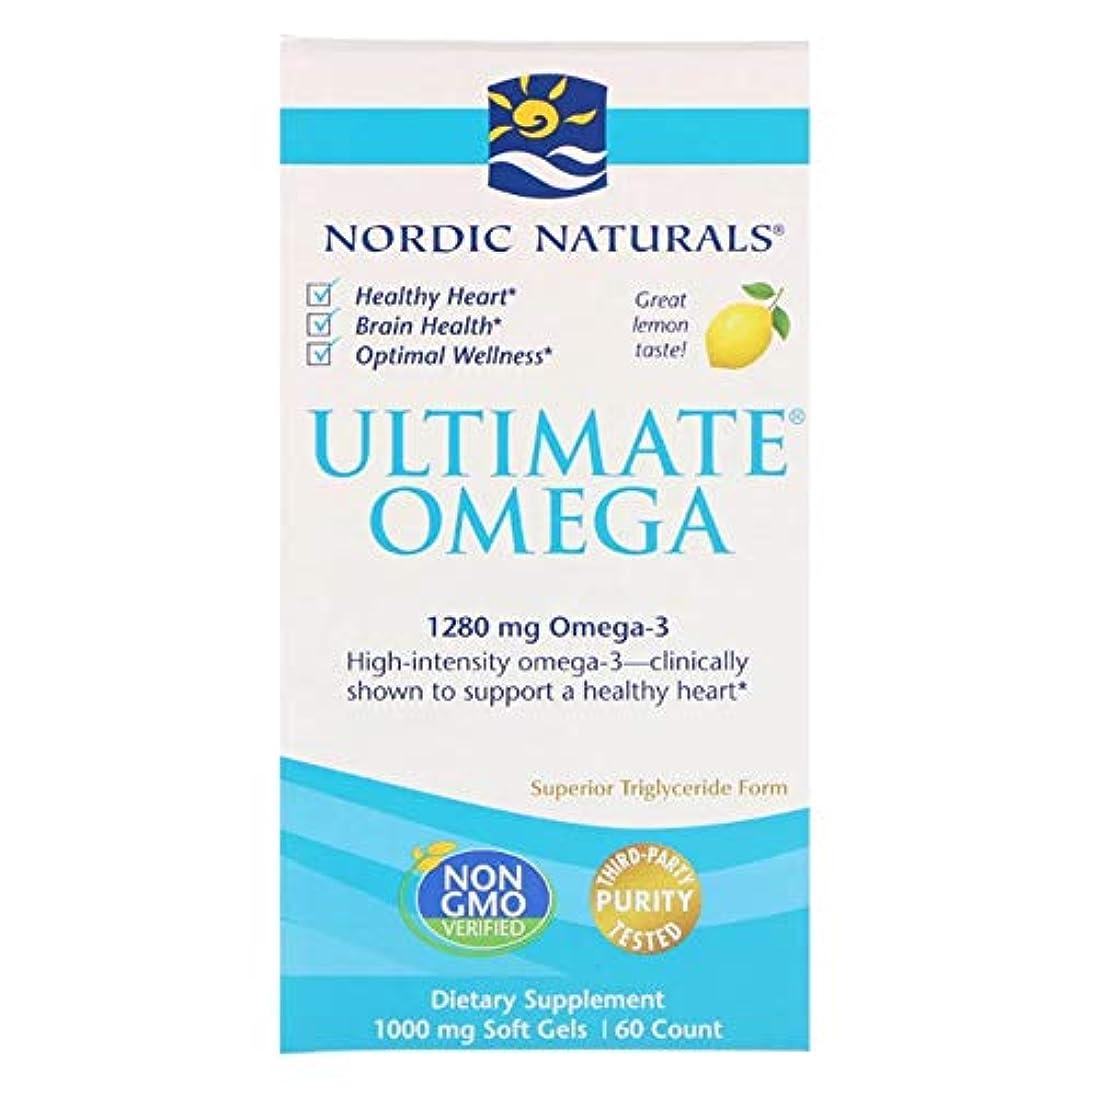 窒素エラー迫害するNordic Naturals 究極のオメガ レモン 1280 mg 60ソフトゼリー 【アメリカ直送】